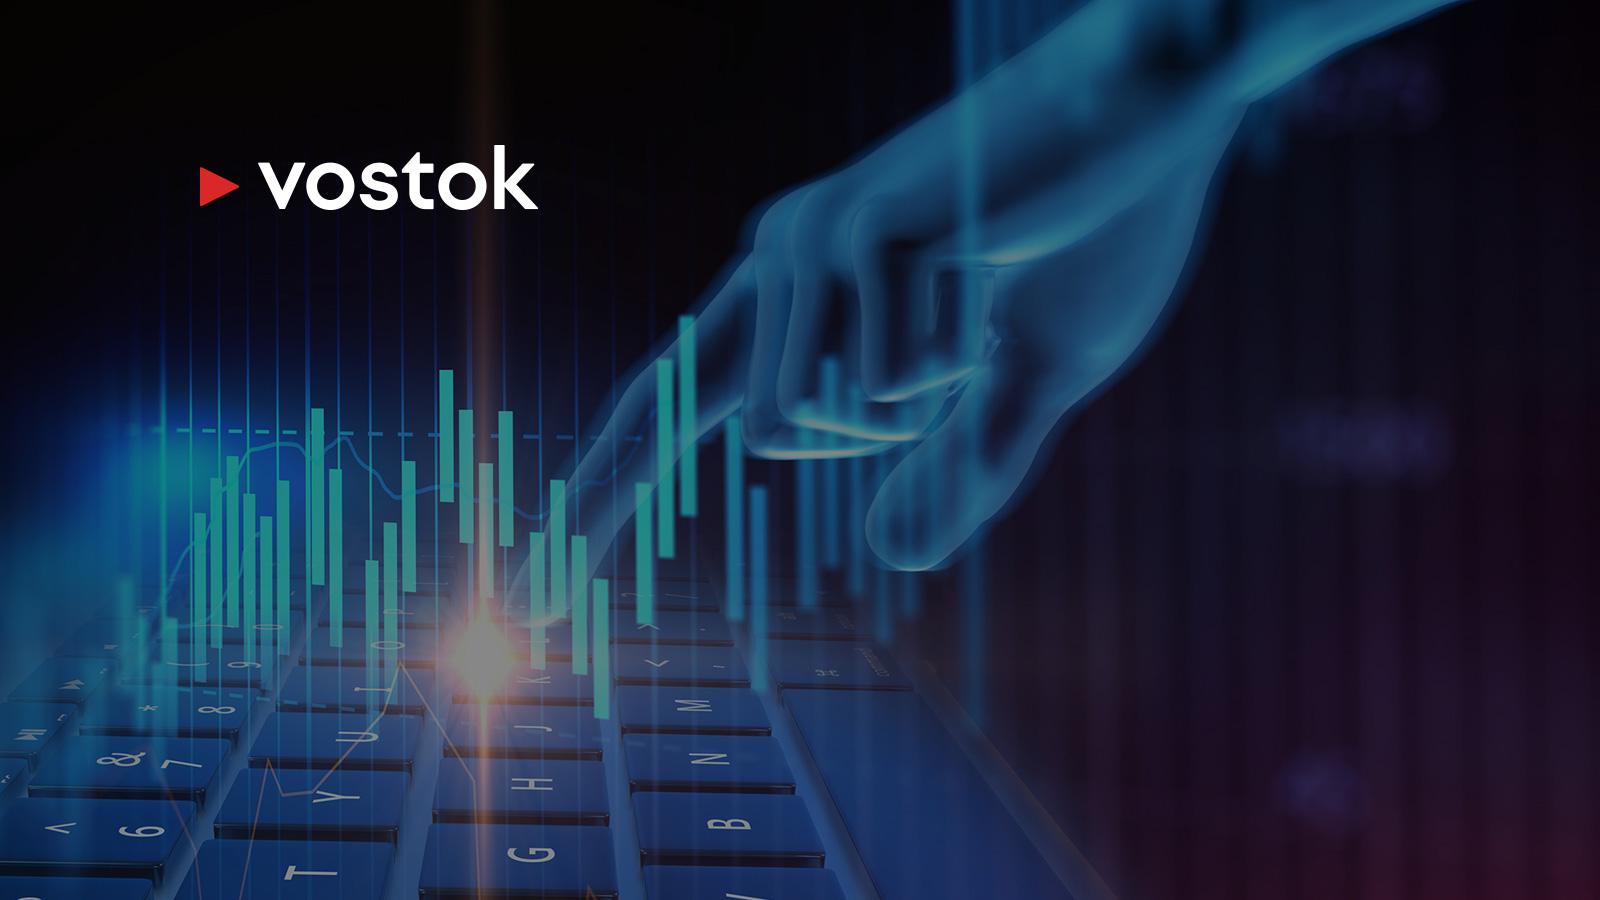 Российский «государственный блокчейн» Vostok продан целиком